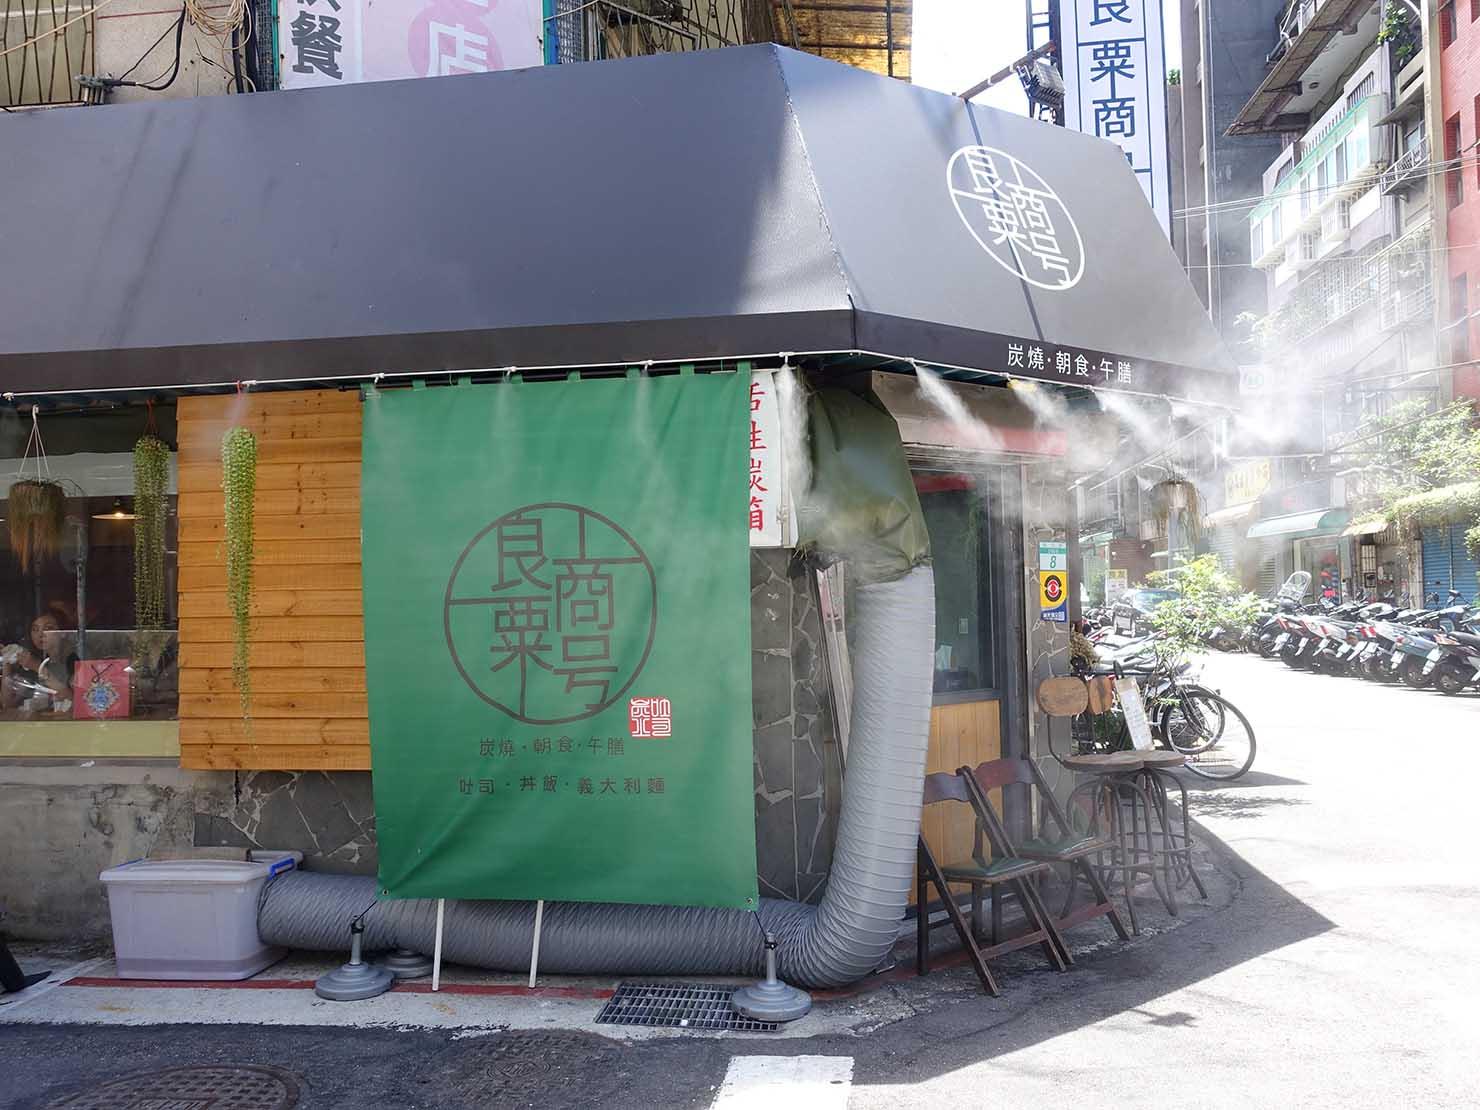 台北・行天宮のおすすめグルメ店「良粟商號」の外観